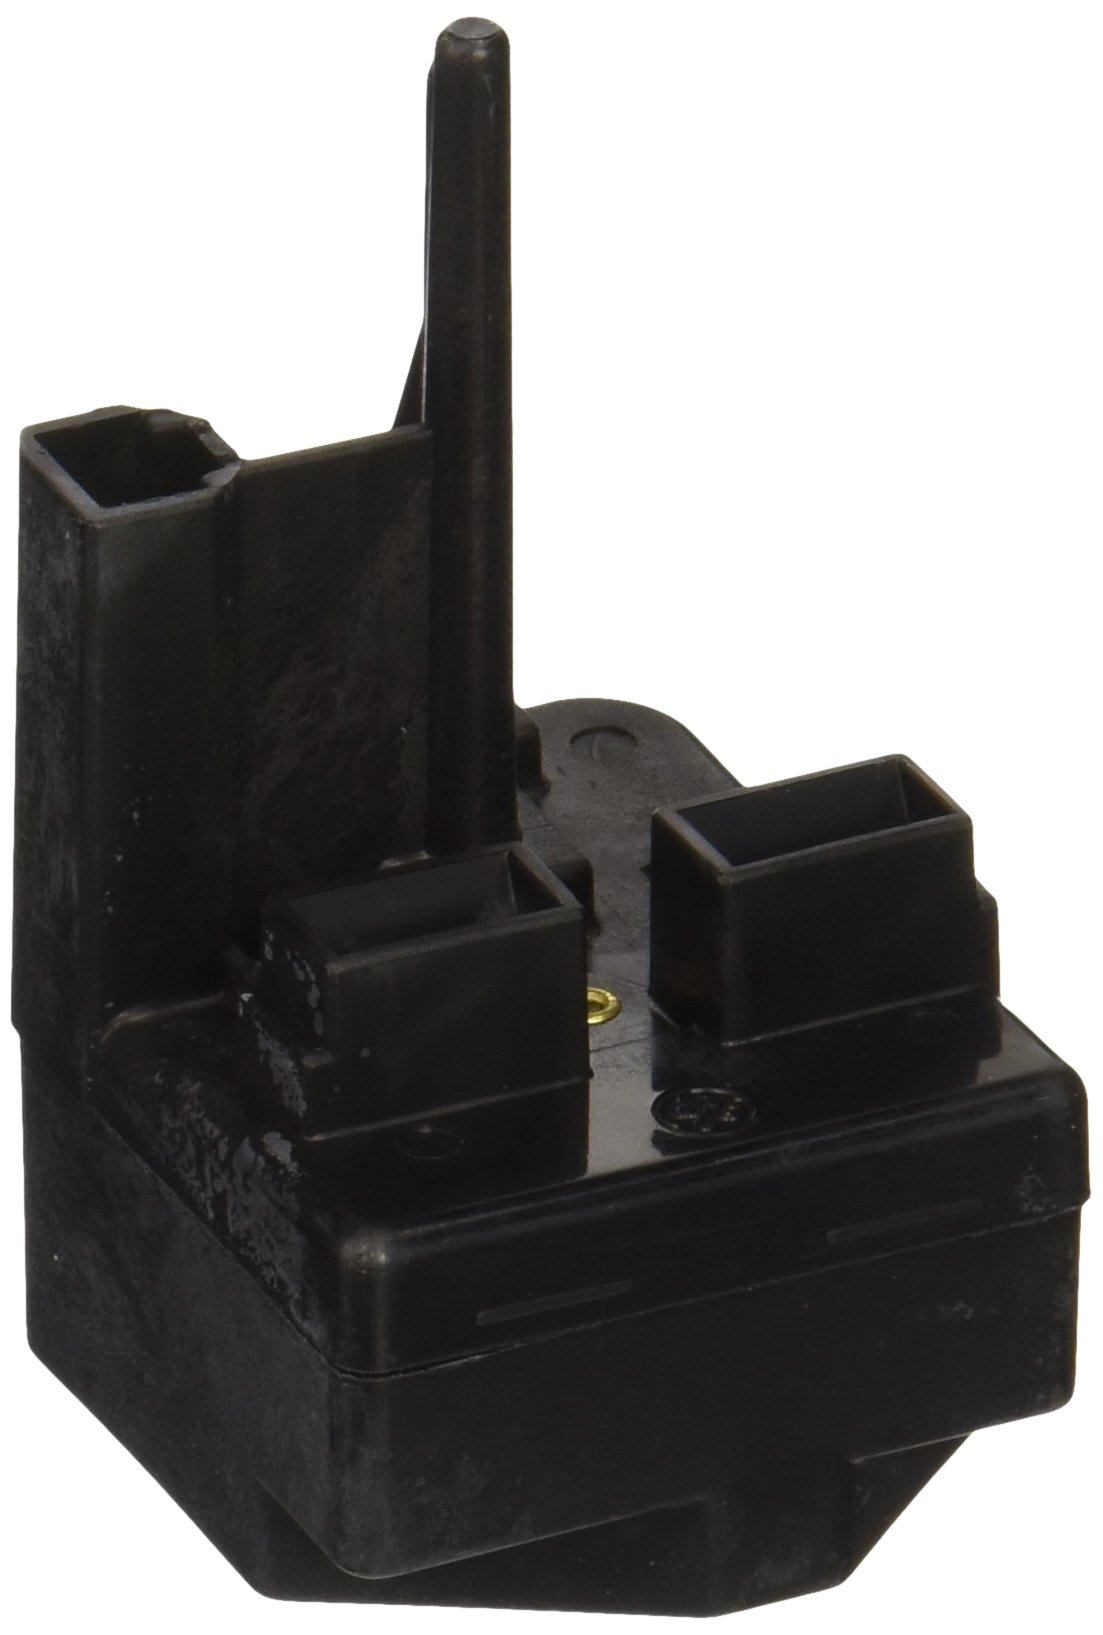 KnKut KK5M-12.40 12.40mm Metric Jobber Length Drill